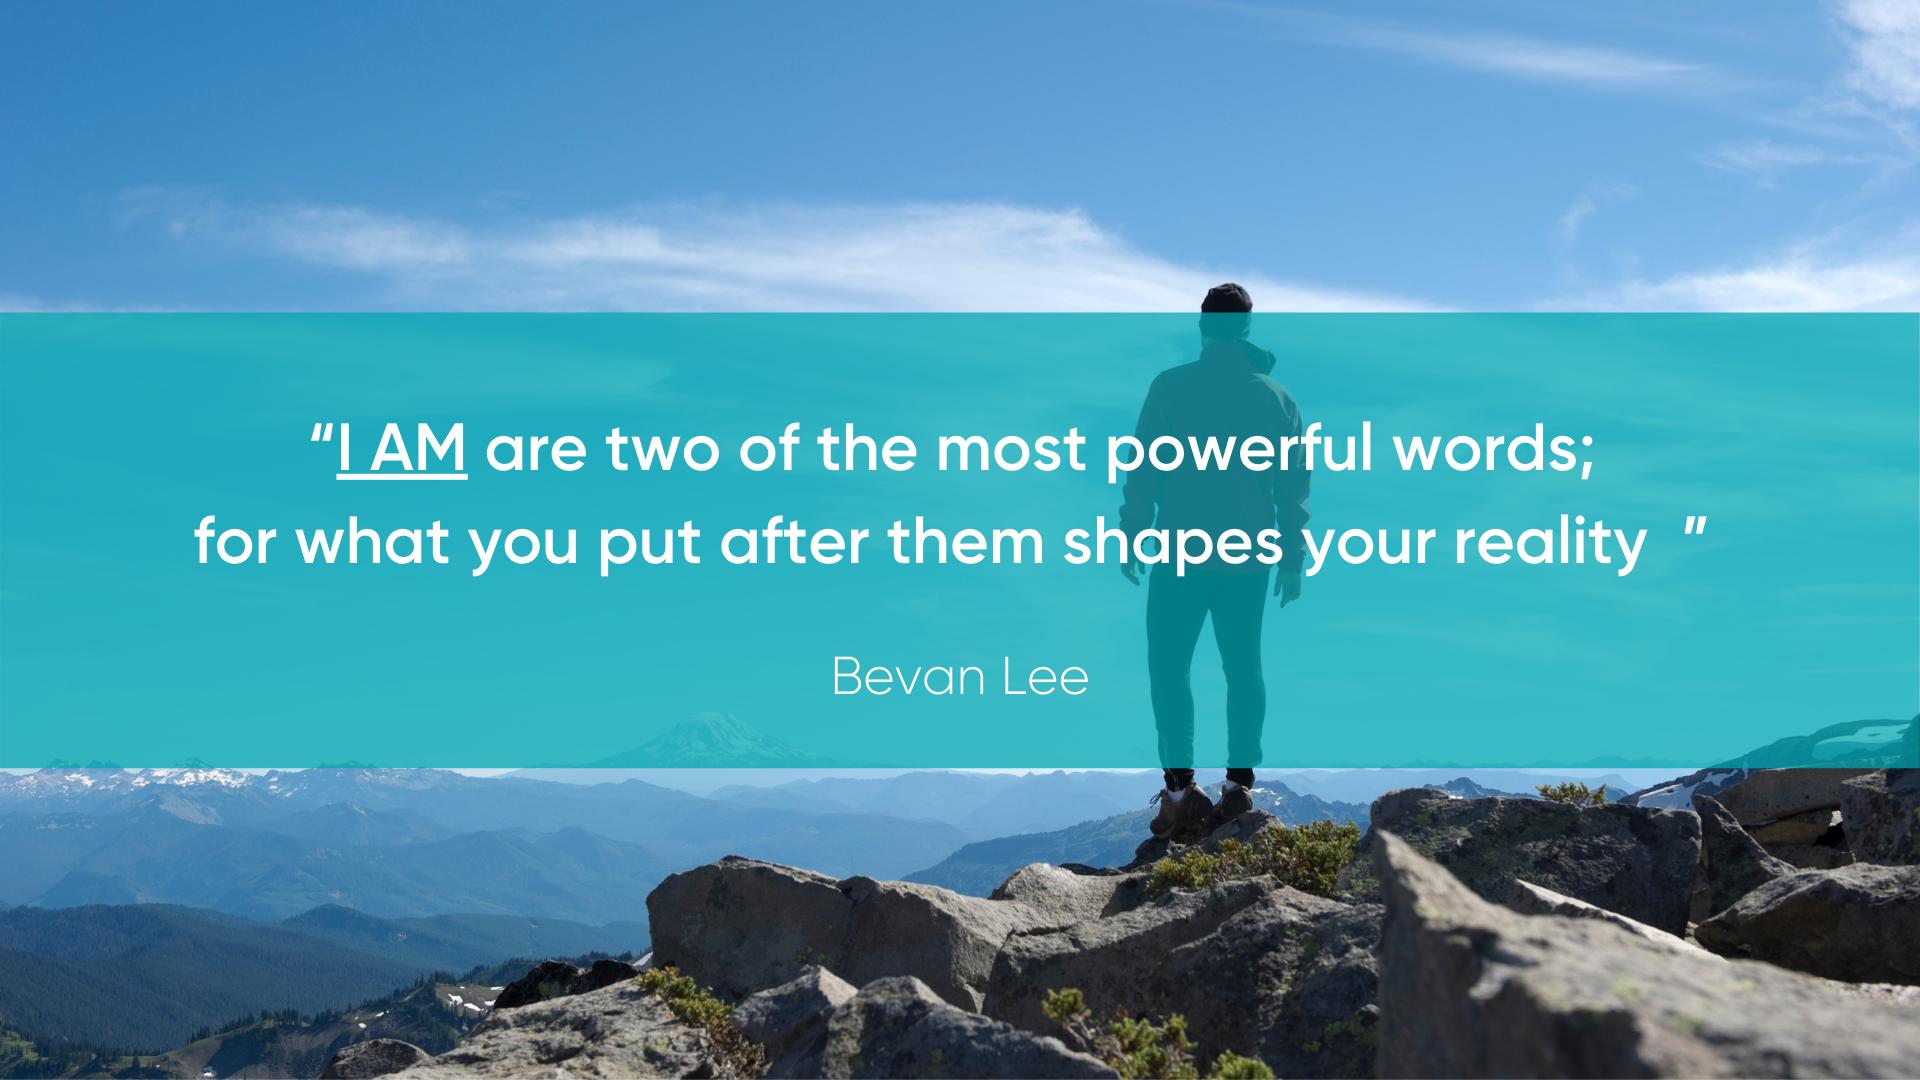 Bevan Lee I AM Quote